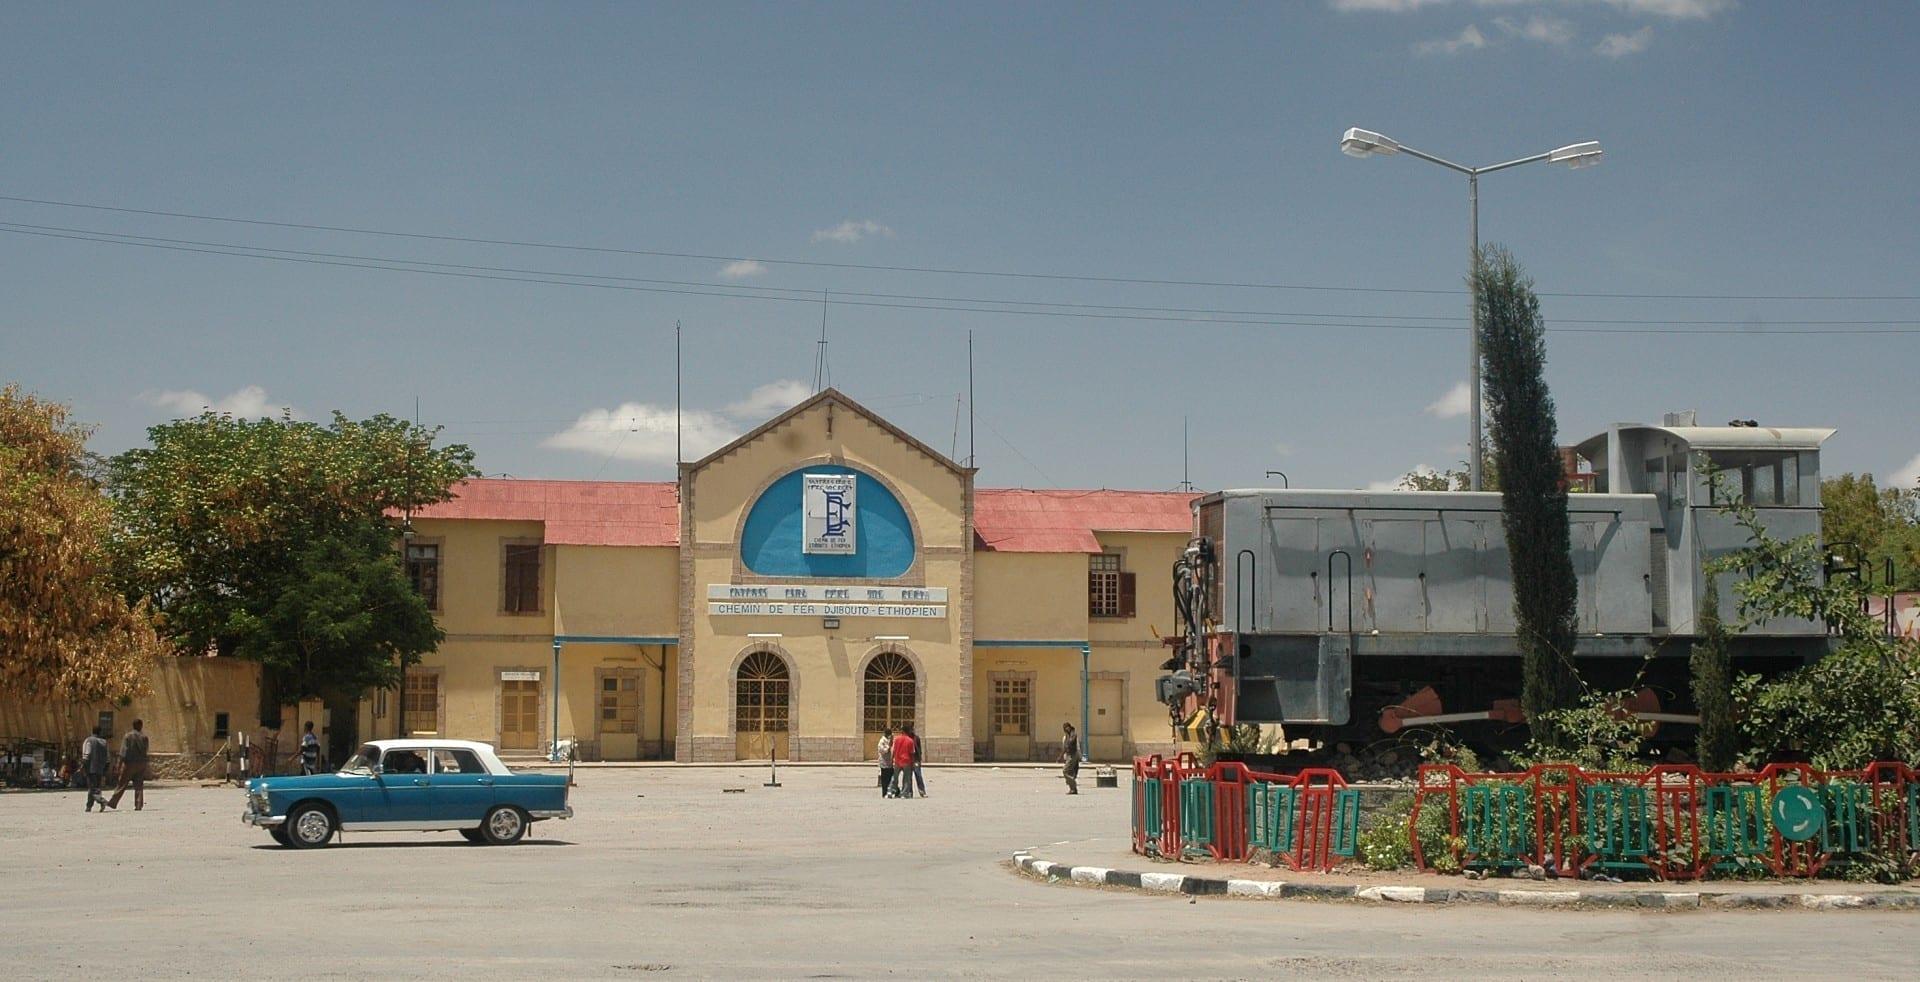 Estación Dire Dawa del Ferrocarril Djibouti-Etiopía. Dire Dawa Etiopía